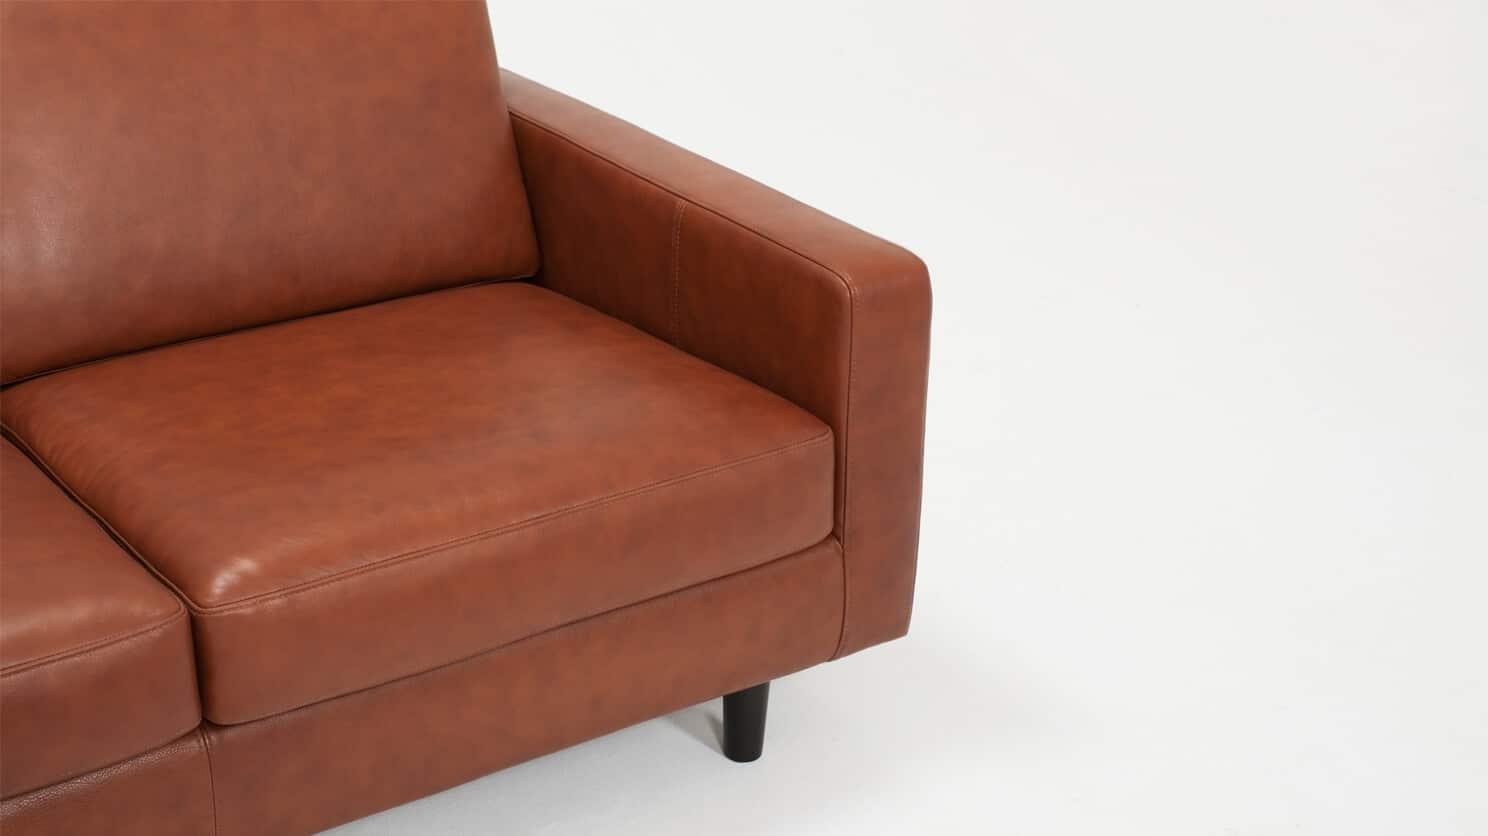 37116 03 04 loveseat oskar leather detail view